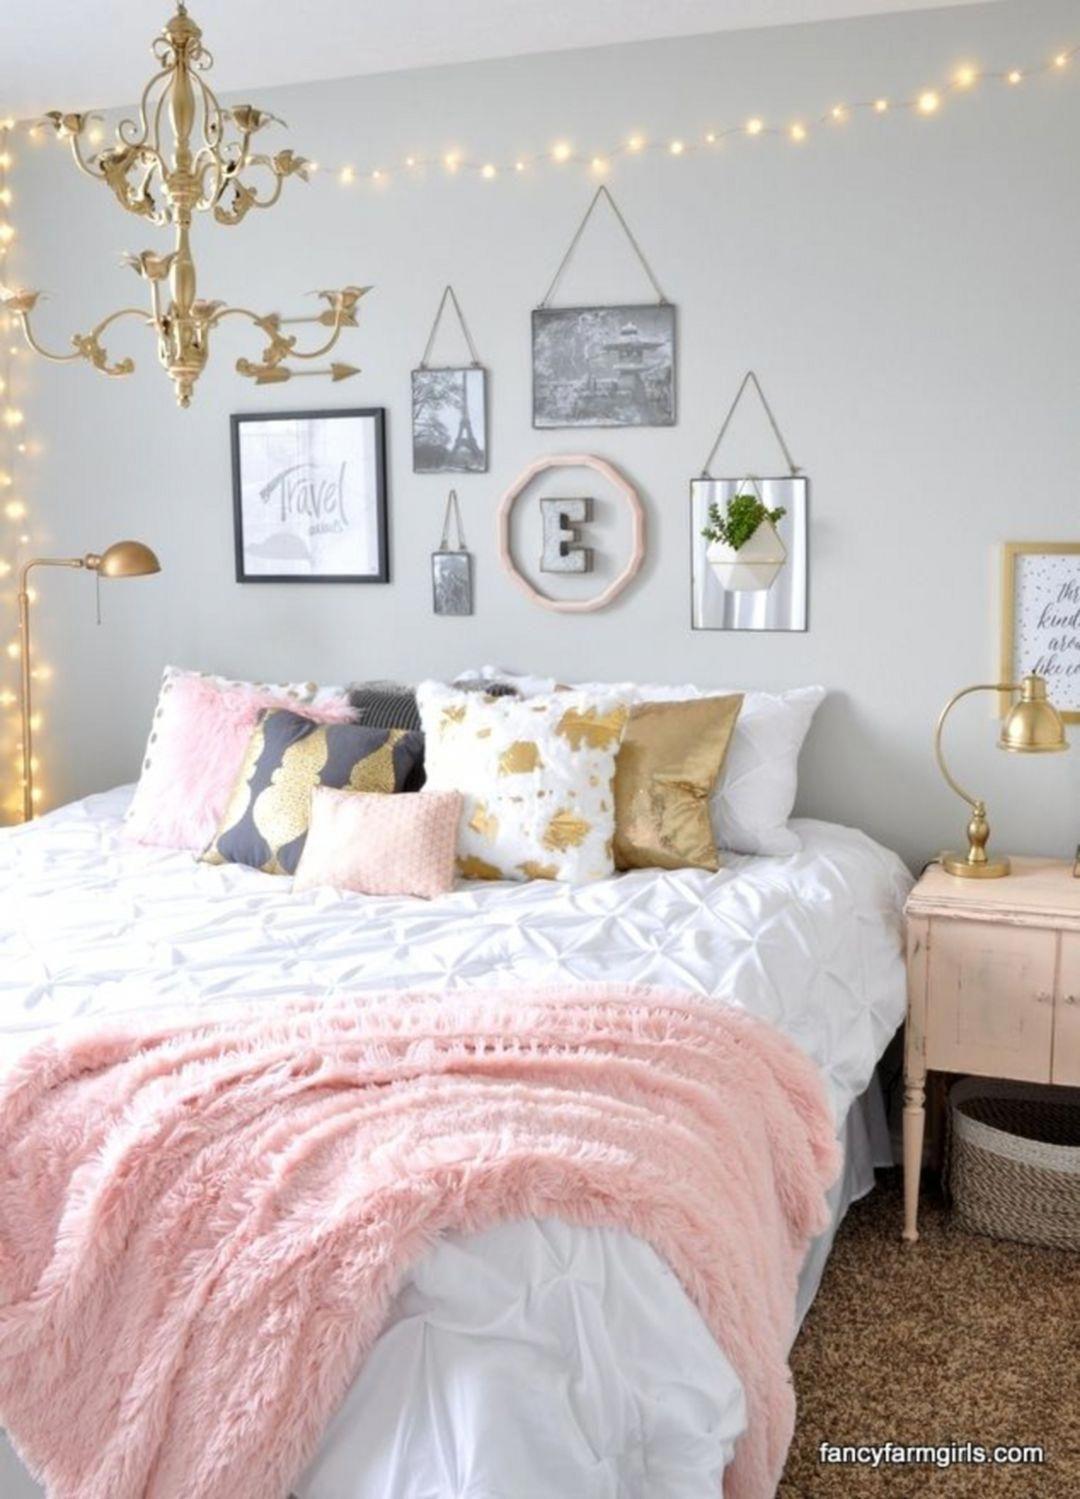 pink bedroom room design ideas 210 teengirlbedroomdecoratingideas rh pinterest com